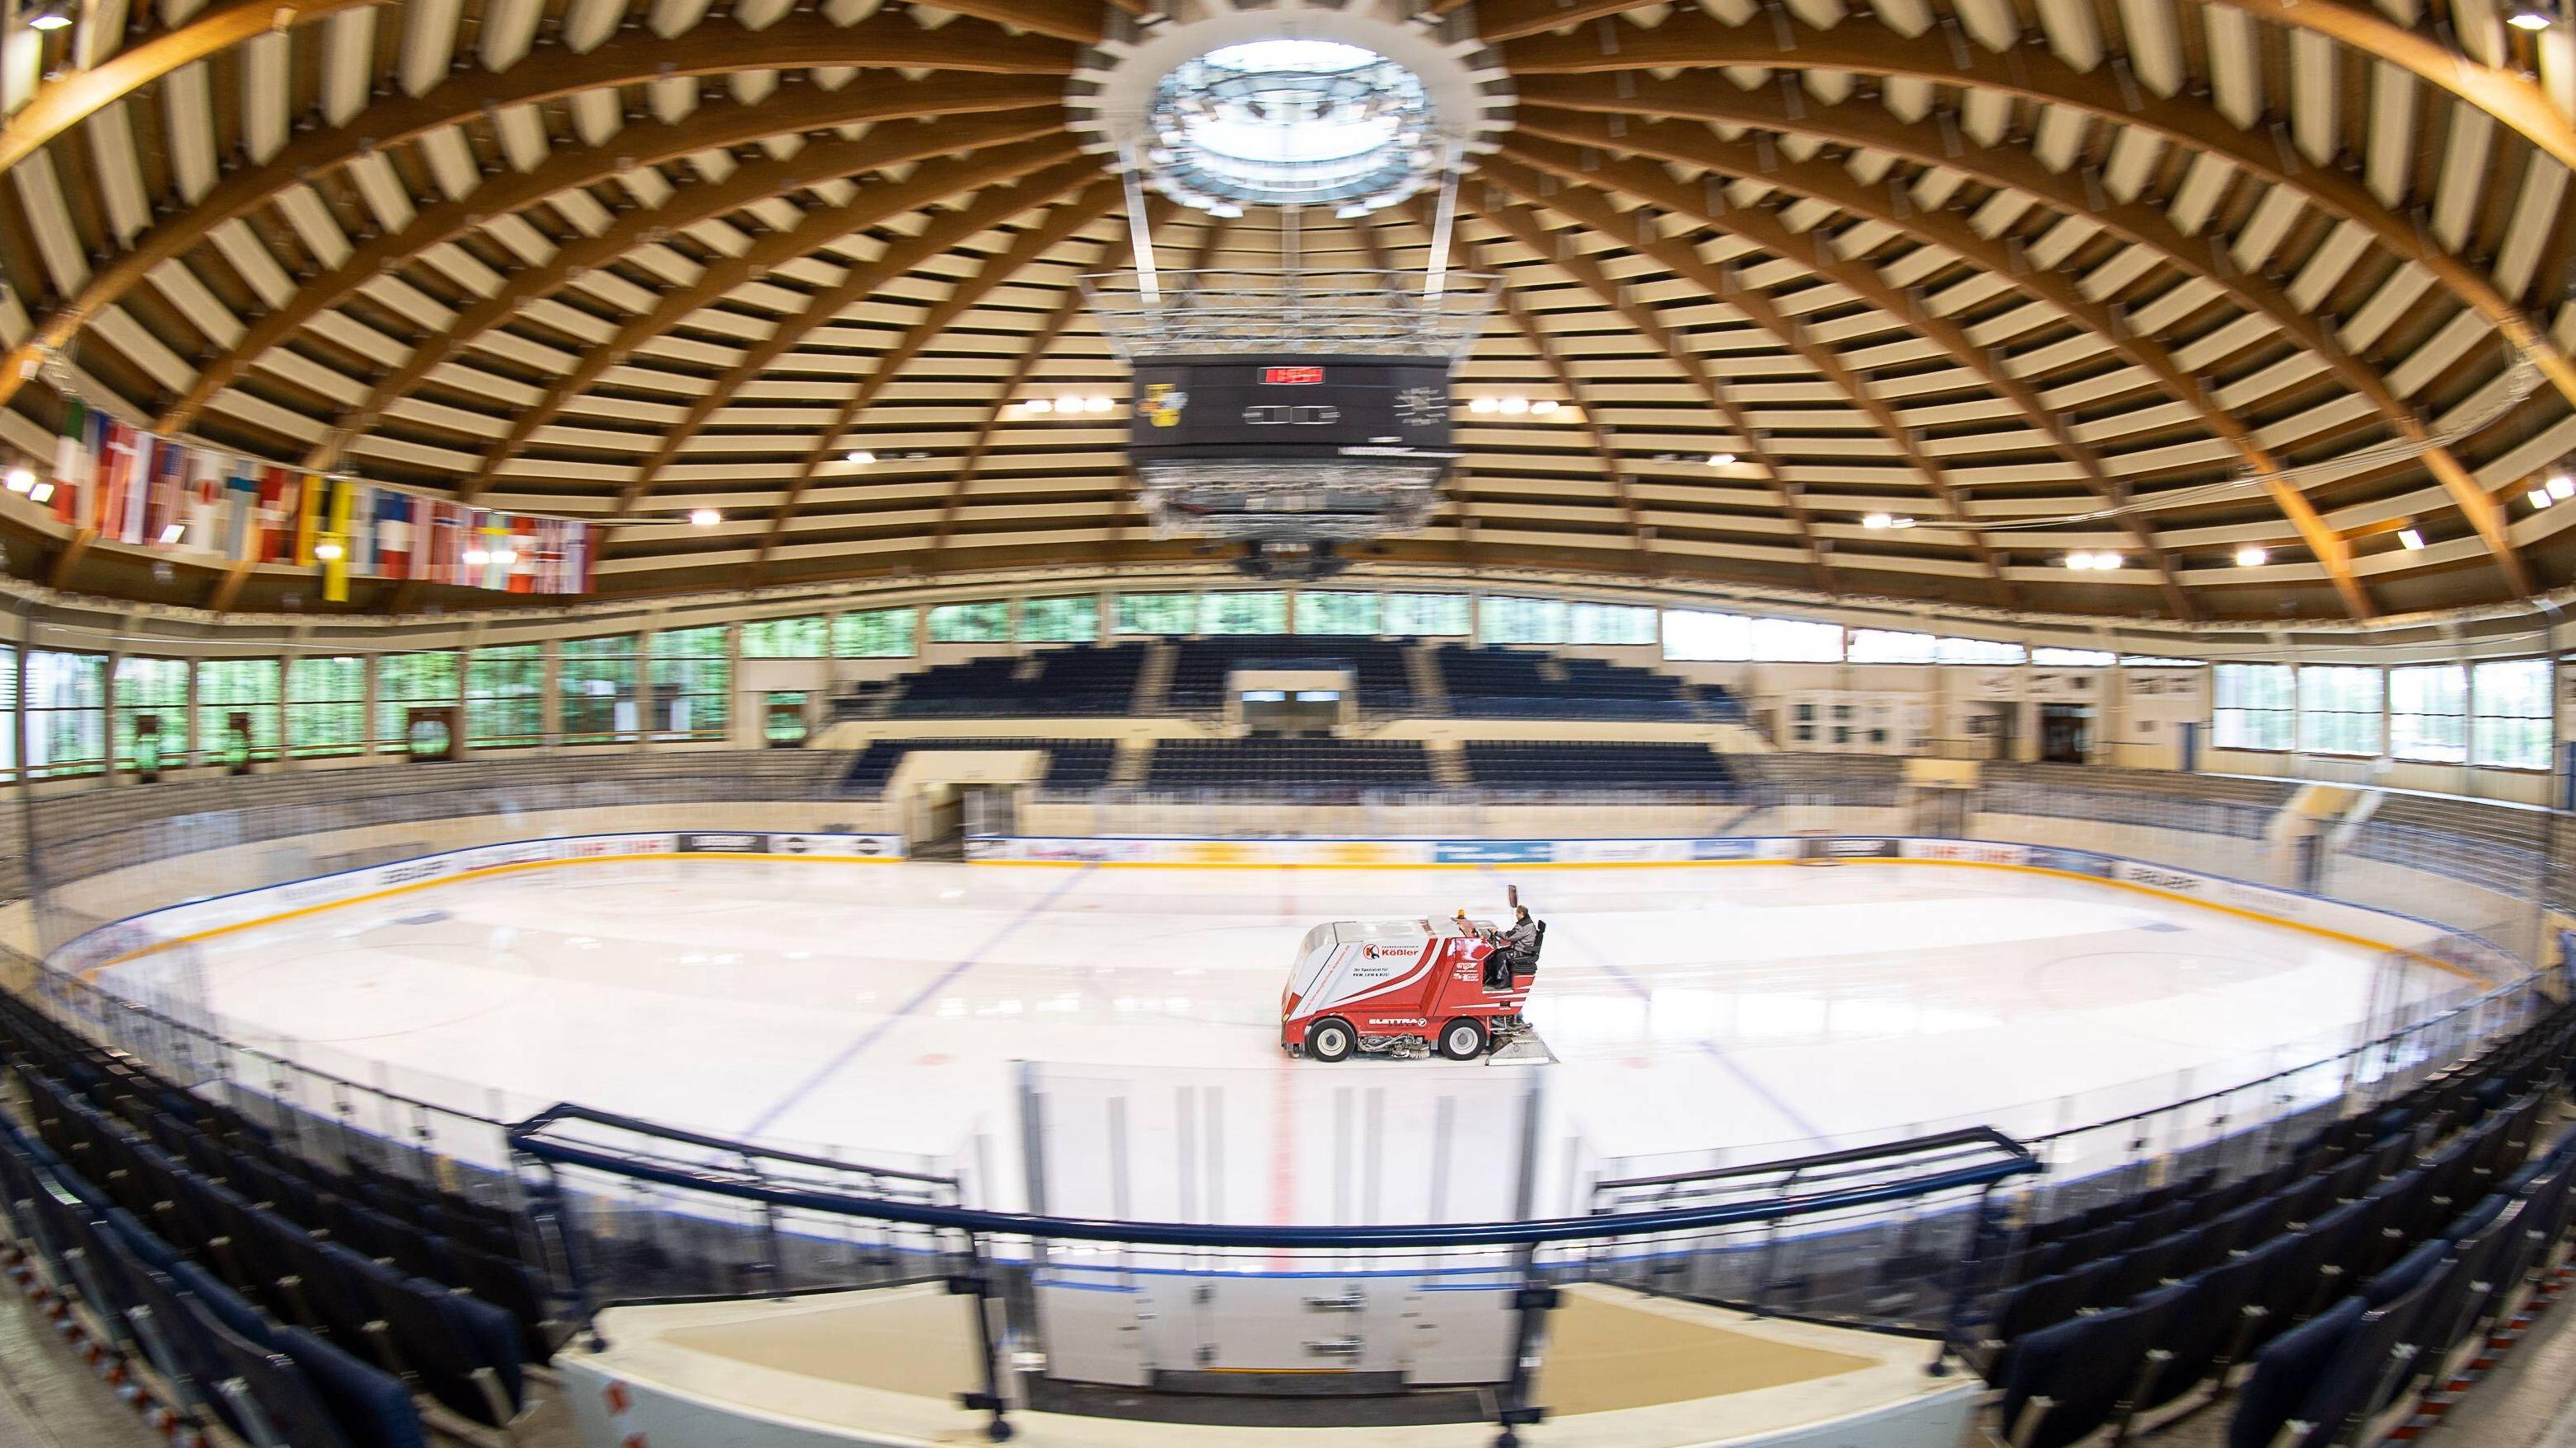 Blick in das Eishockey-Bundesleistungszentrum in Füssen